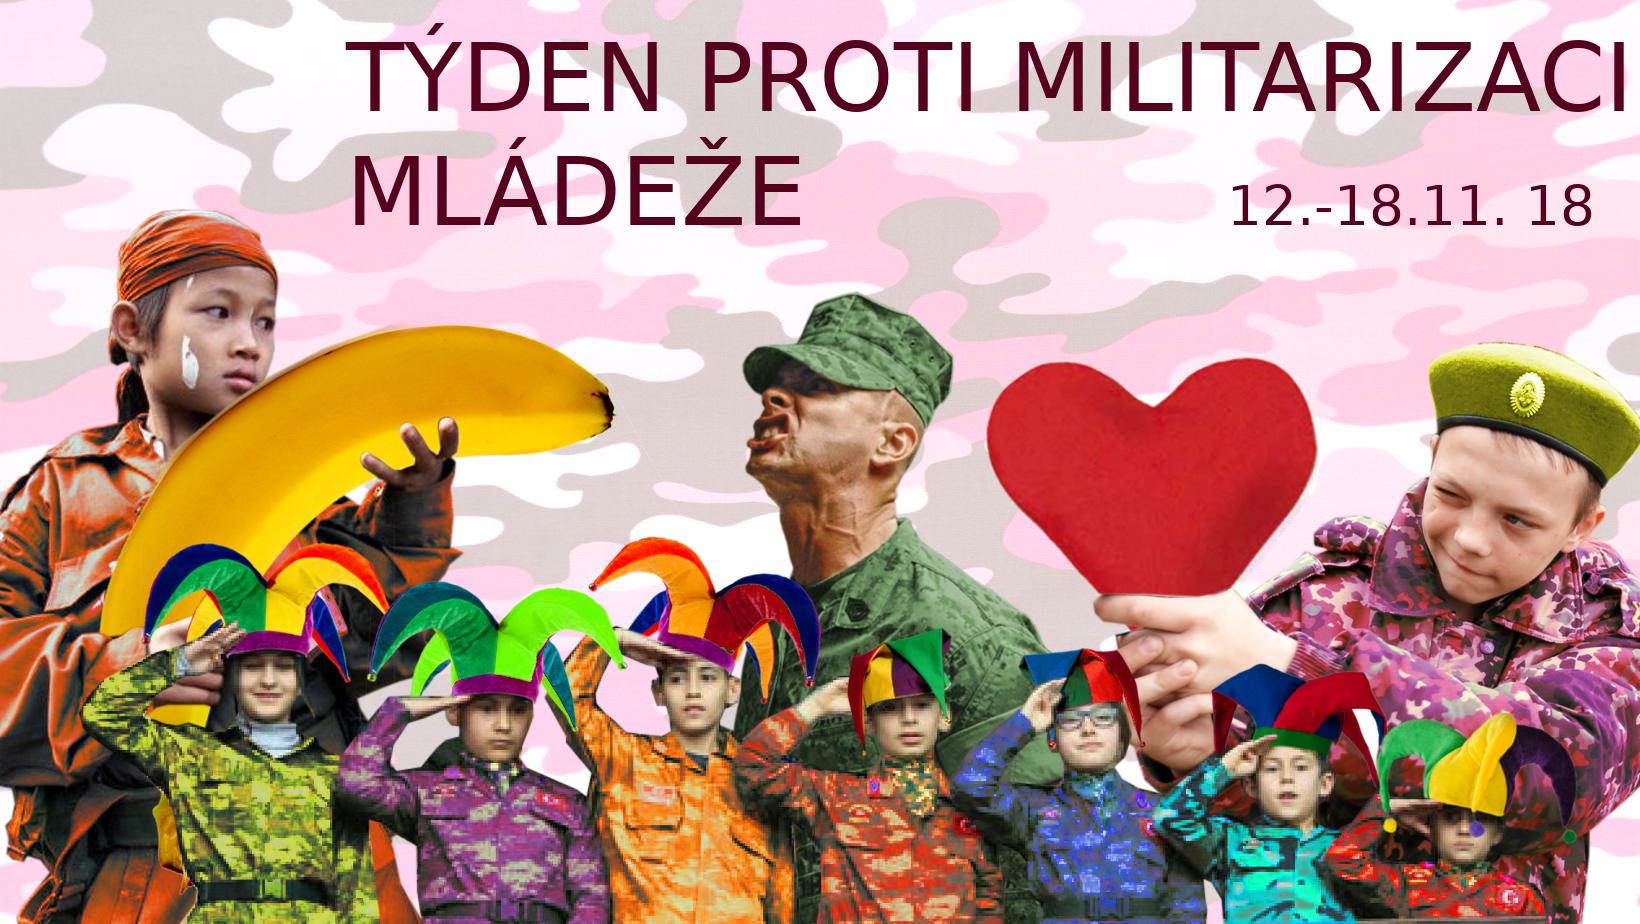 Zúčastněte se akcí Mezinárodního týdne proti militarizaci mládeže 12. až 18. listopadu